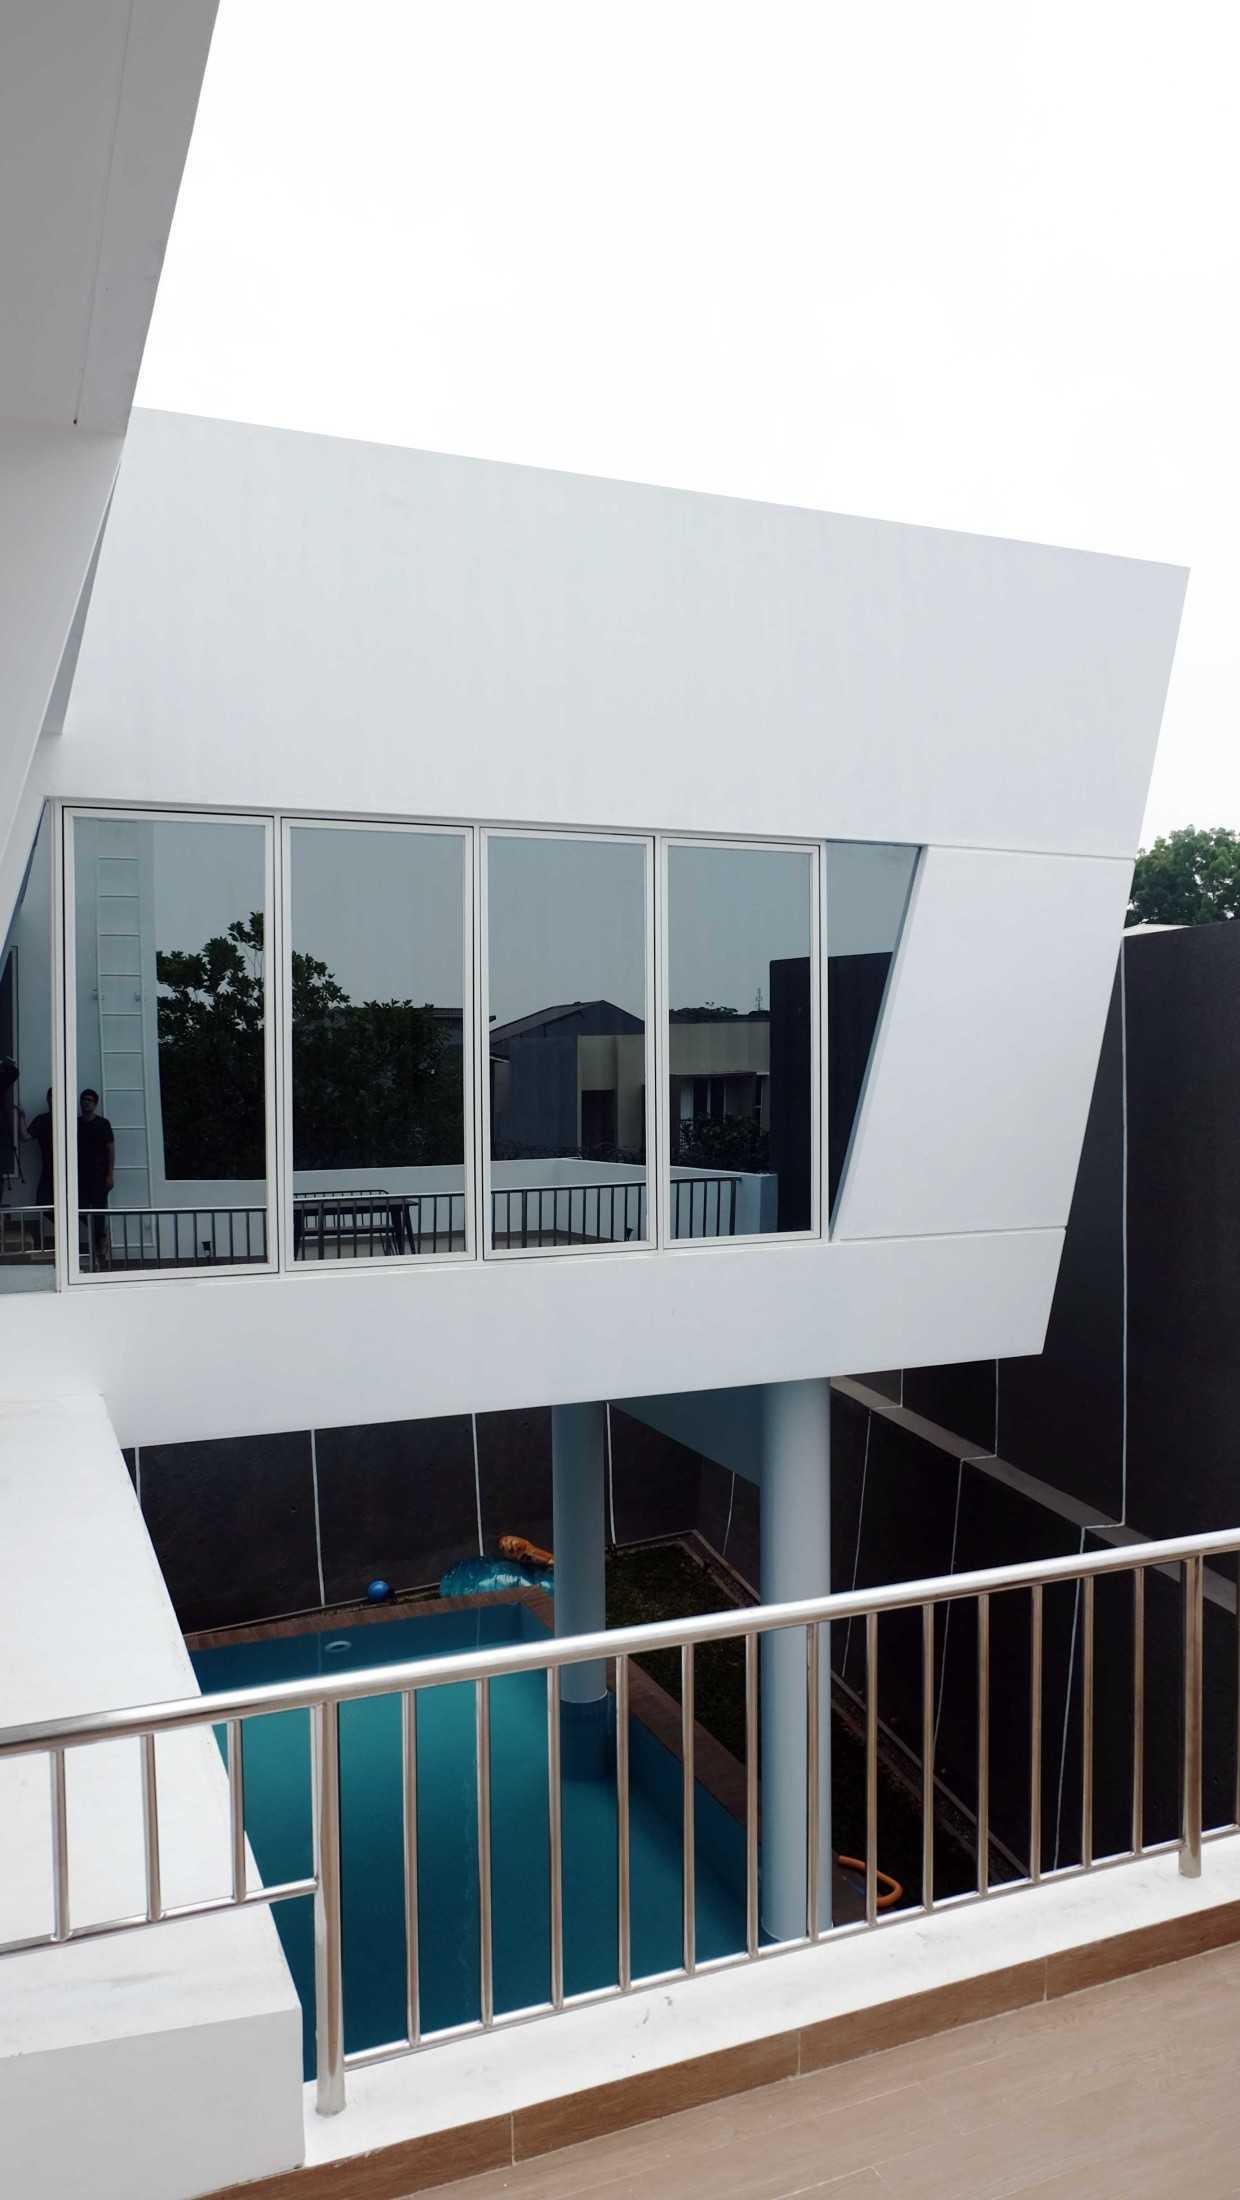 Mahastudio & Partner Italic House, Cibubur Jl. Alternatif Cibubur Km 4, Jatikarya, Jatisampurna, Rt.005/rw.011, Jatisampurna, Kec. Jatisampurna, Kota Bks, Jawa Barat 17435, Indonesia Jatisampurna, Kota Bks, Jawa Barat, Indonesia Mahastudio-Partner-Italic-House-Cibubur  86111